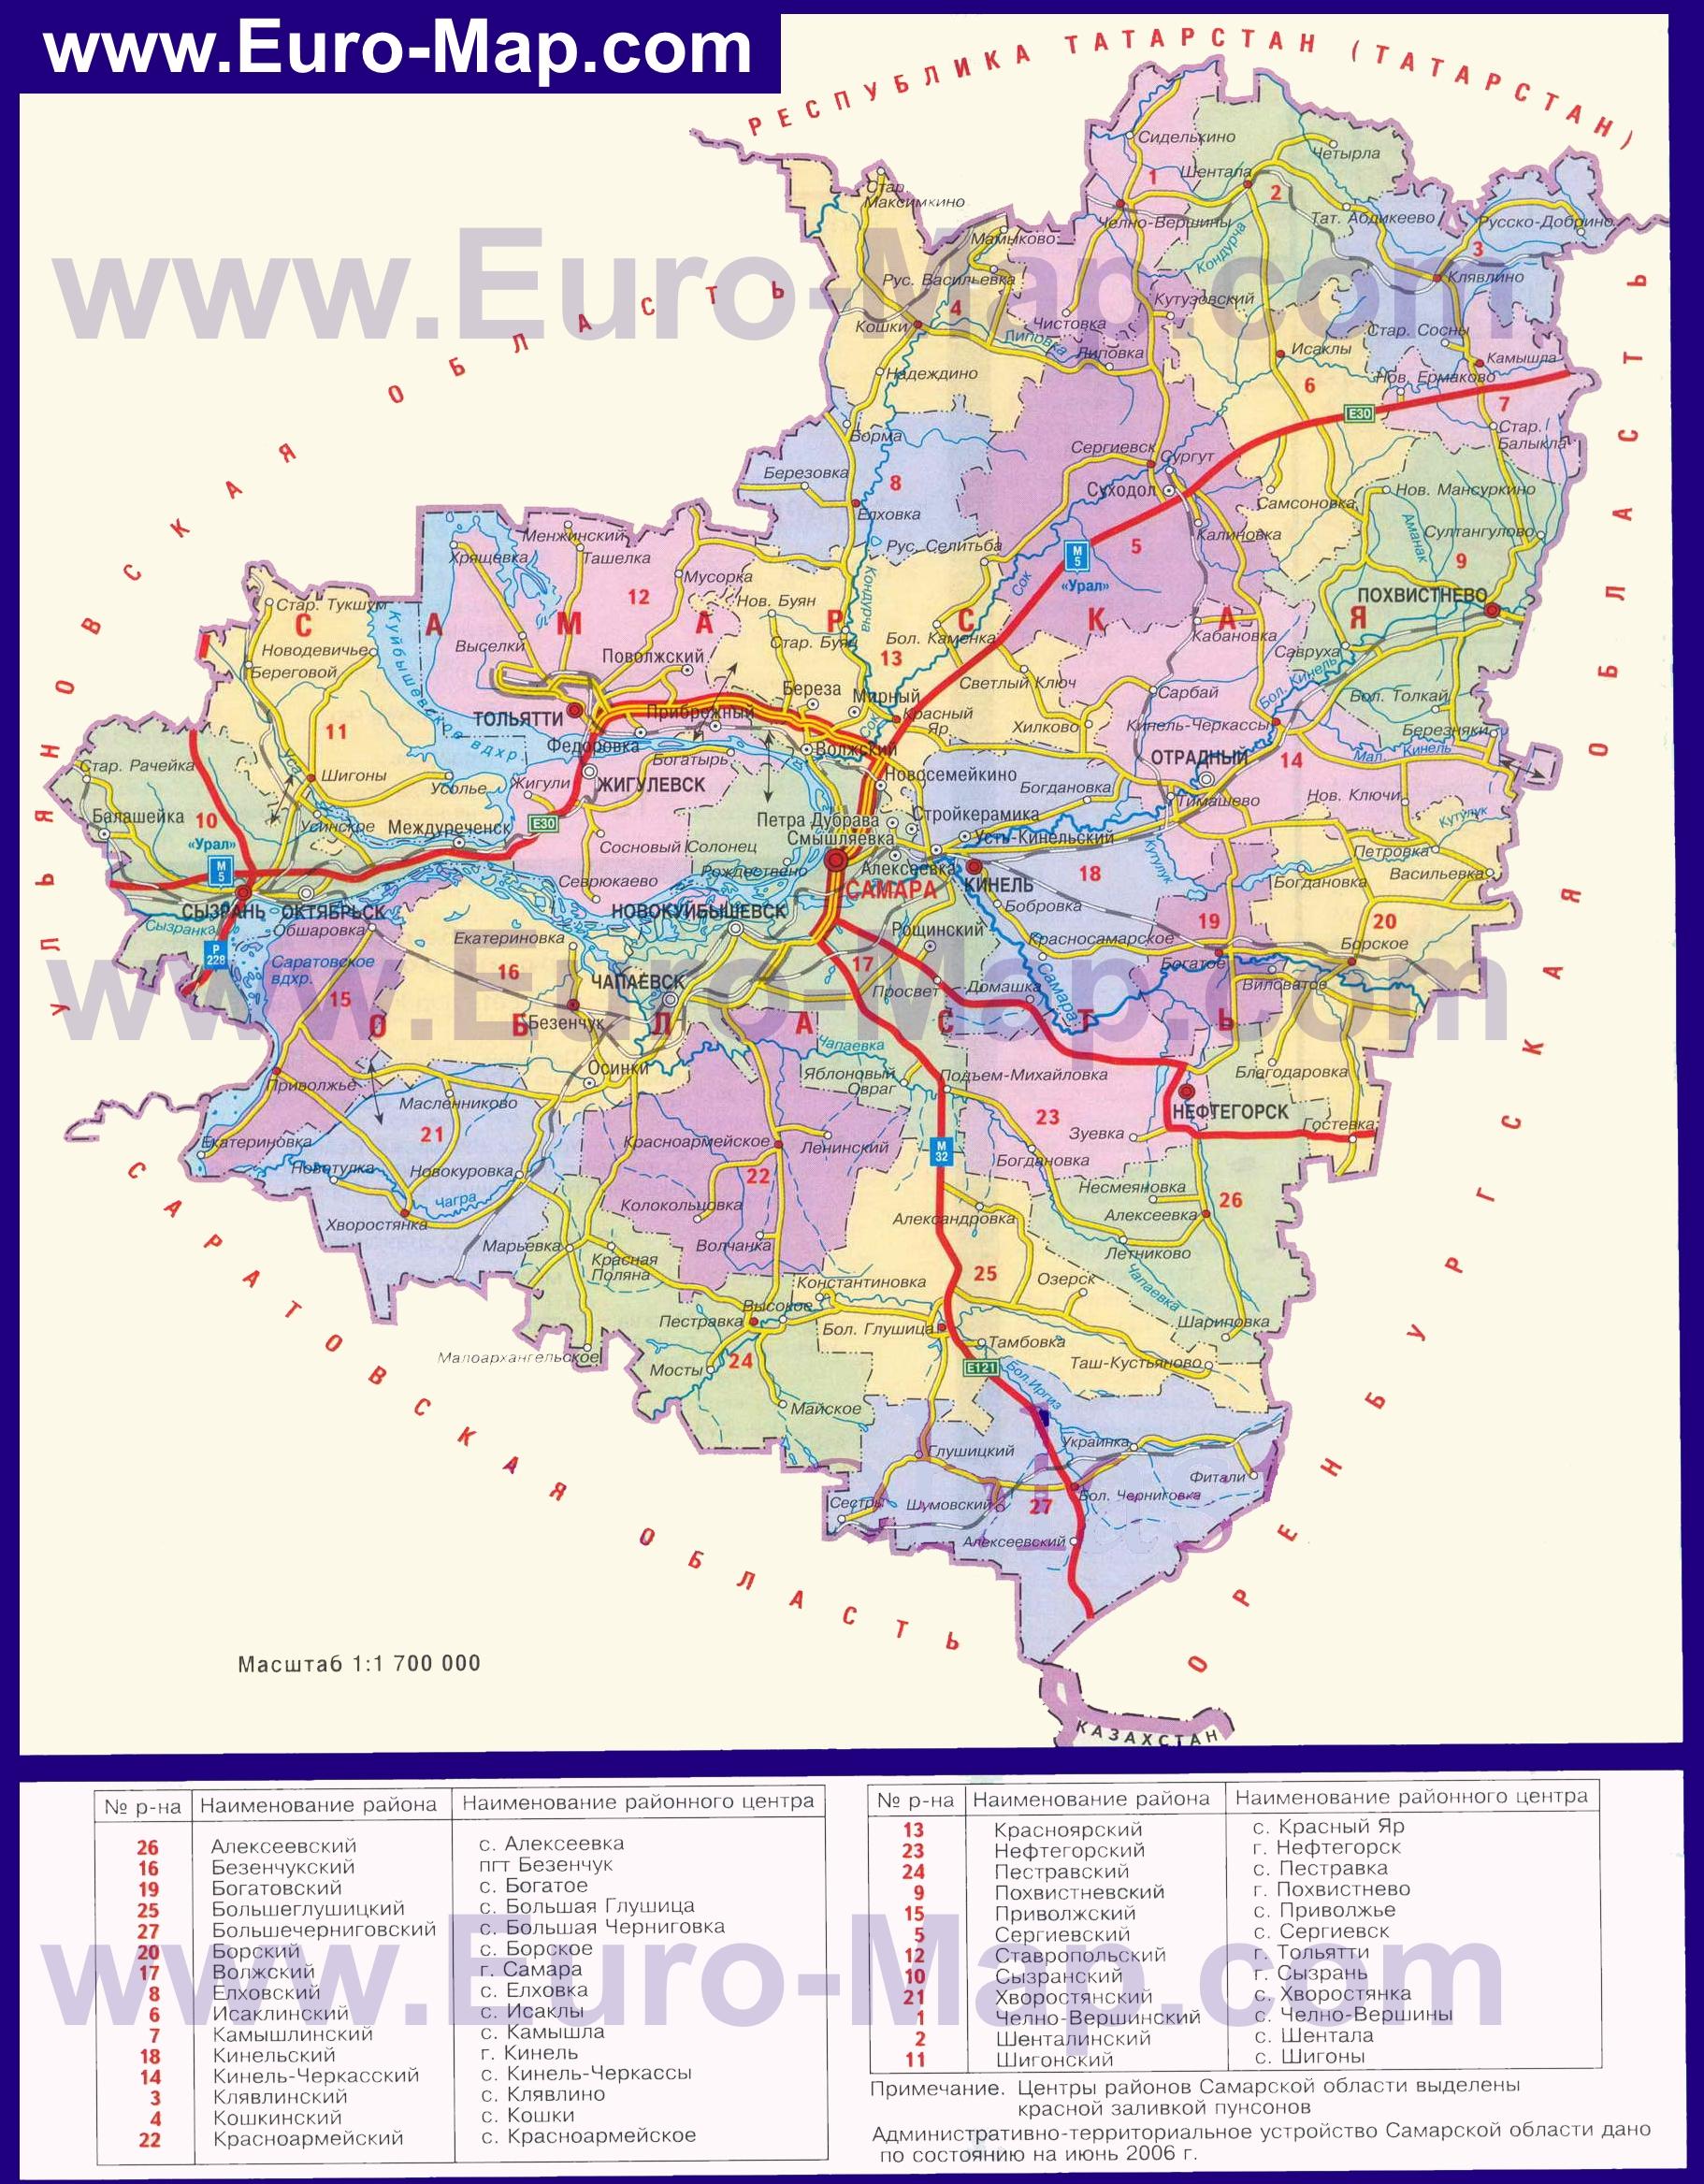 этапов-напоминалок воронке карта онлайн самарская область магазине пишете заявление